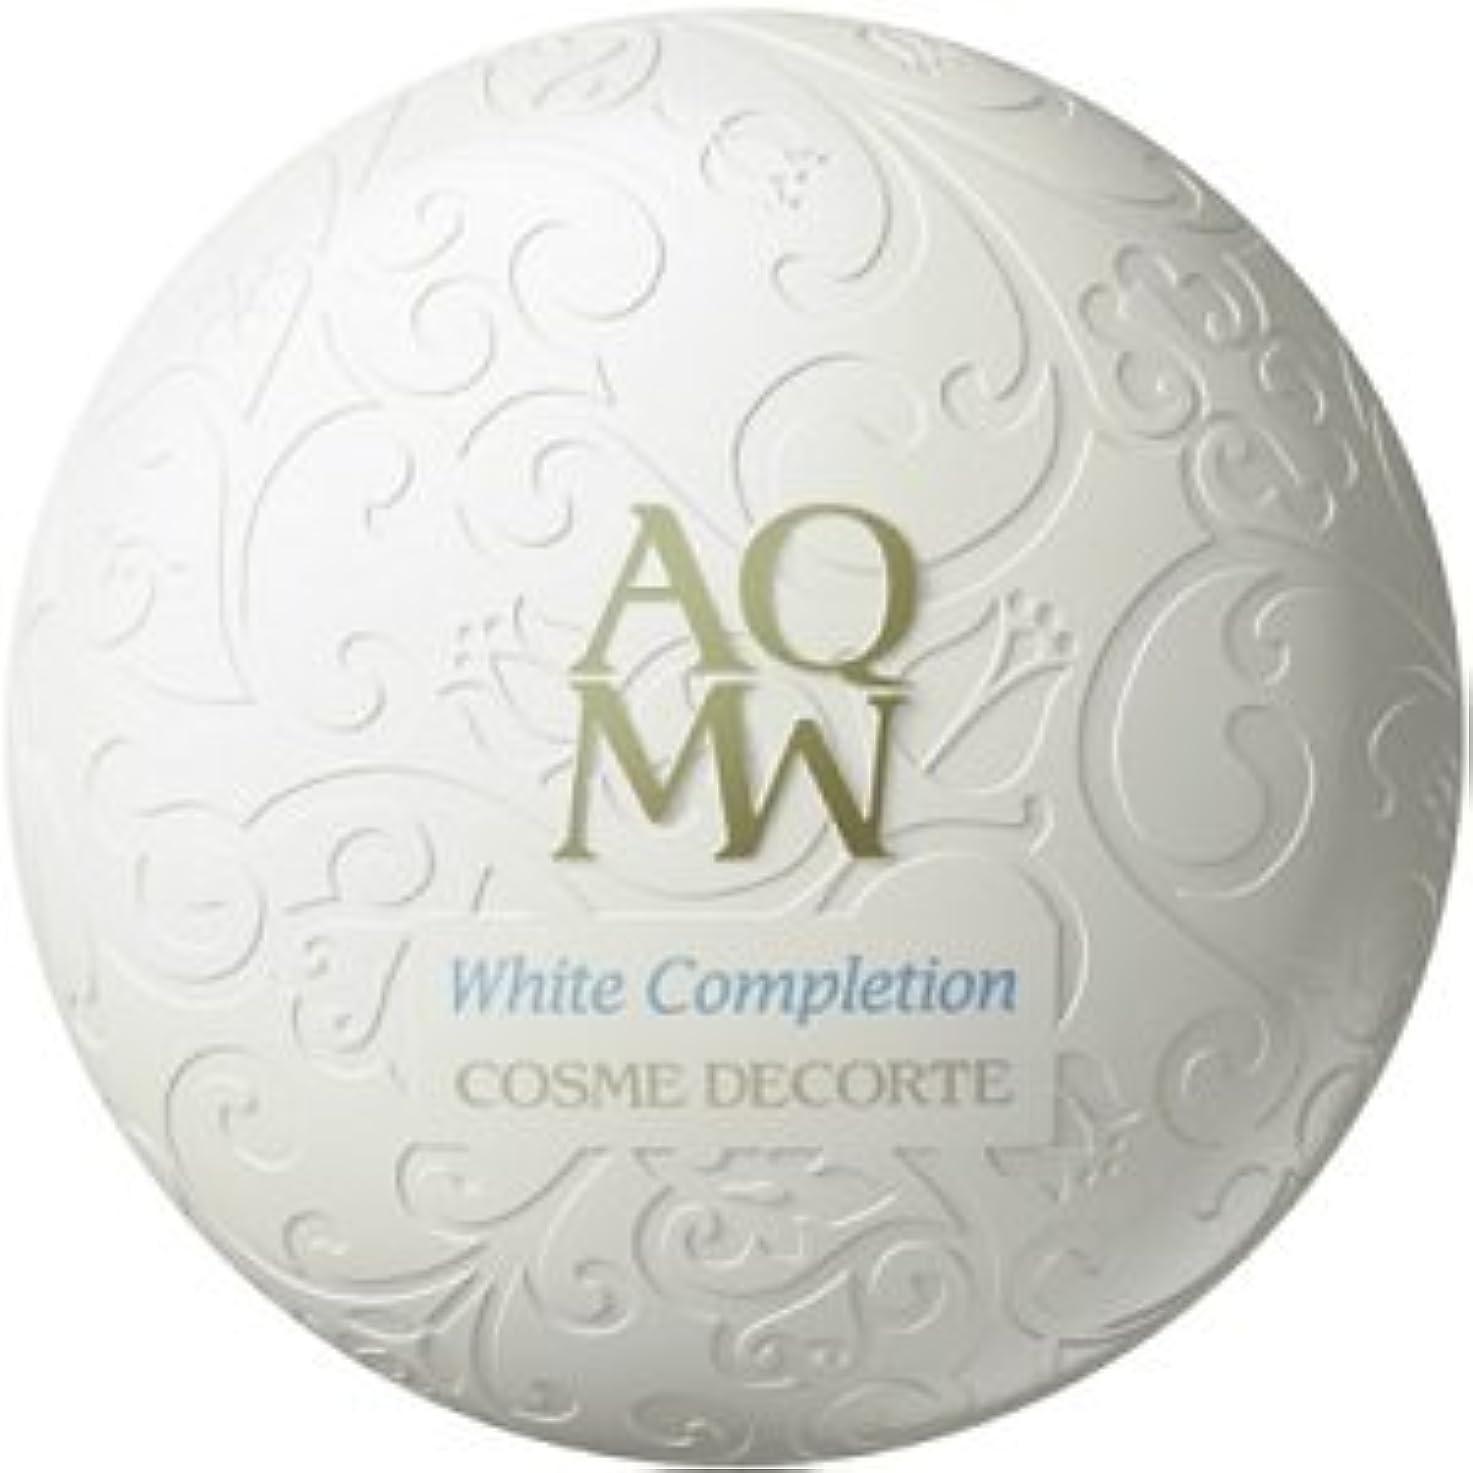 再生可能耐えられない忍耐コスメデコルテ AQMW ホワイトコンプリーション 25g